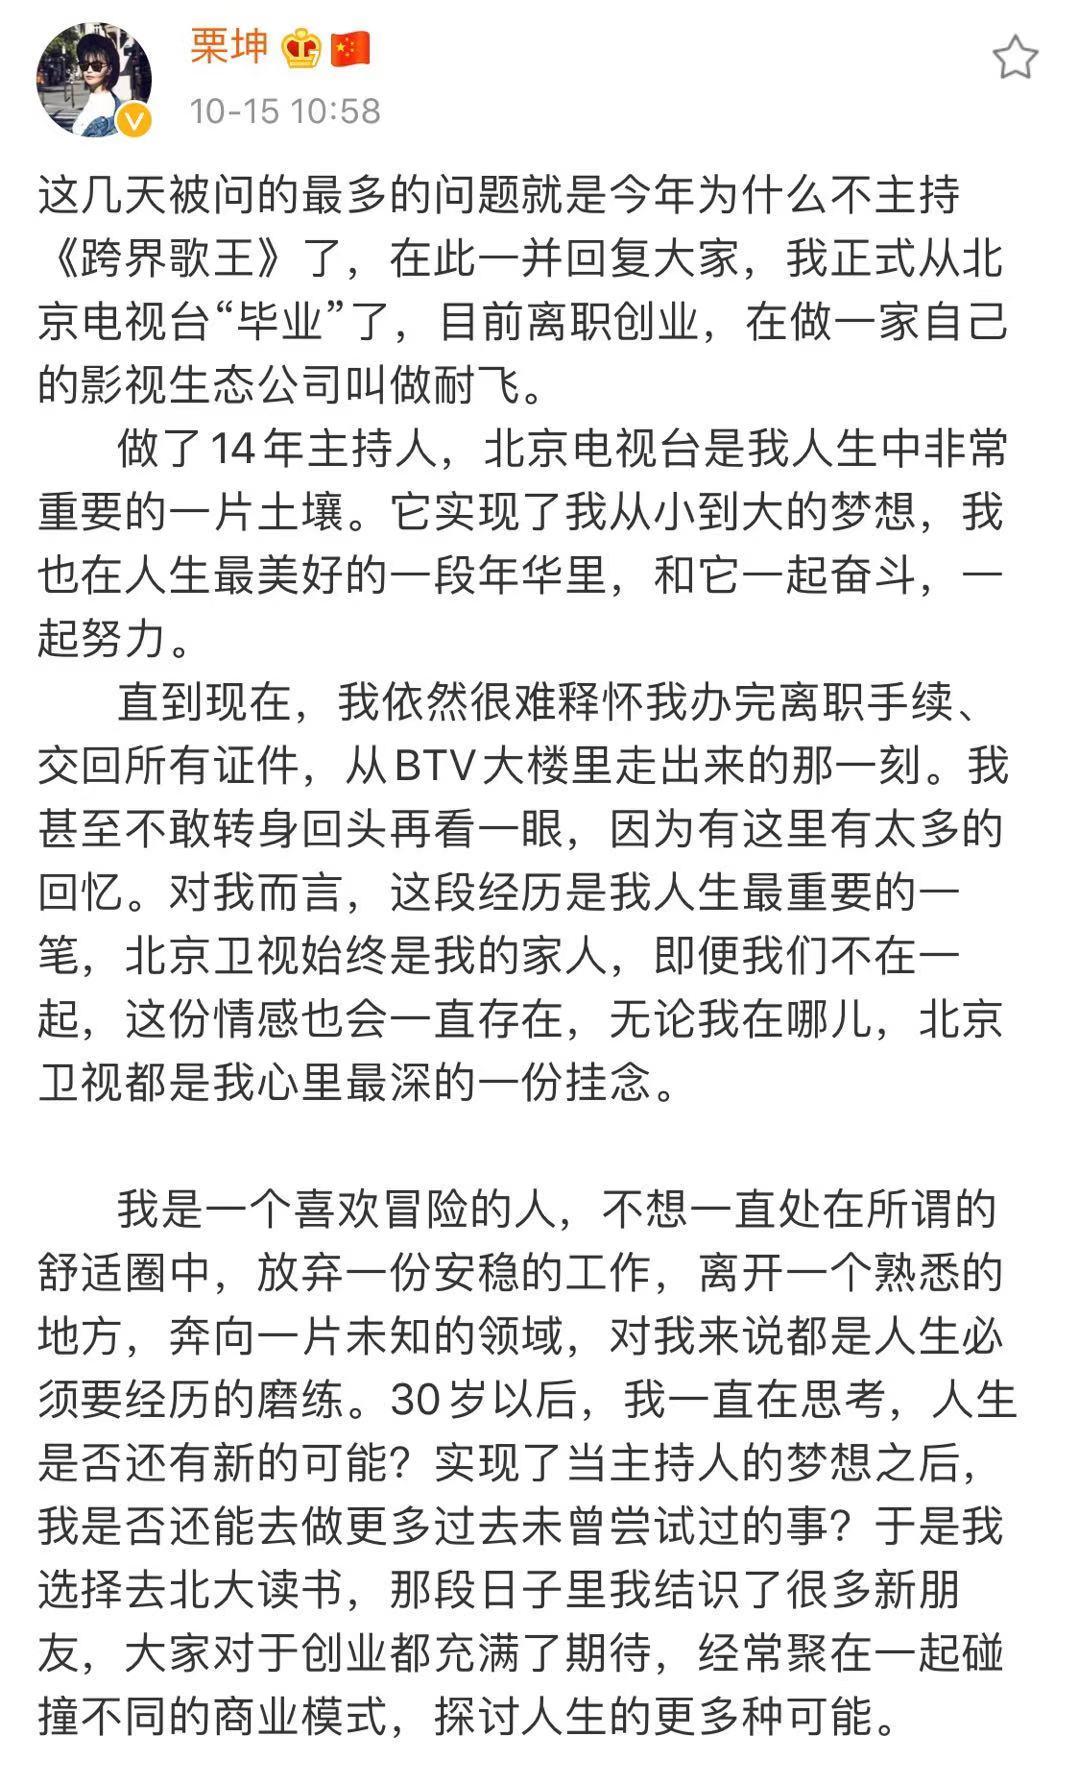 栗坤微博发文宣布告别《跨界歌王》舞台,目前离职创业开公司